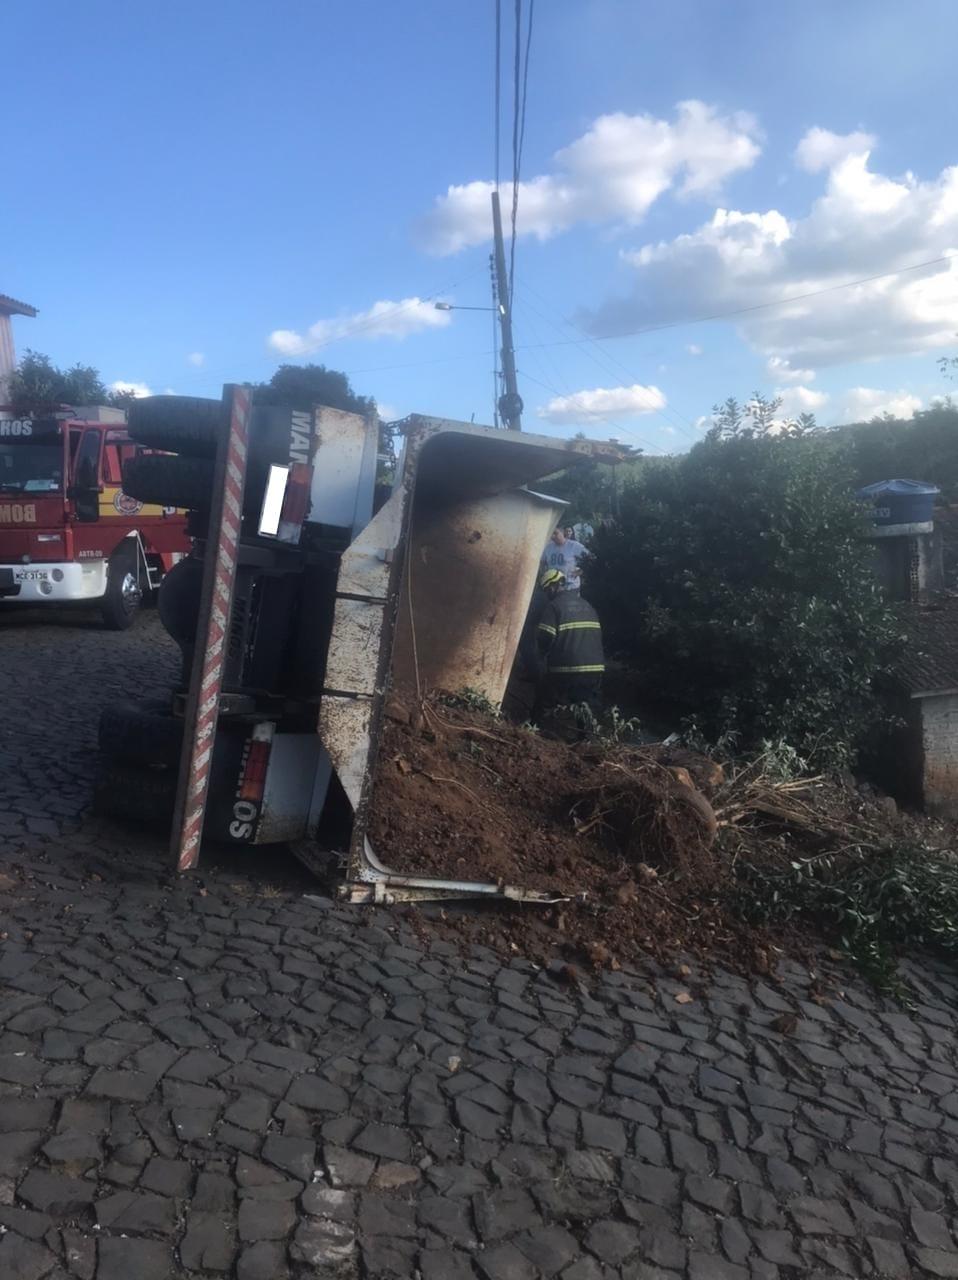 Caminhão caçamba estava carregado com terra e arbustos - Corpo de Bombeiros/Divulgação ND